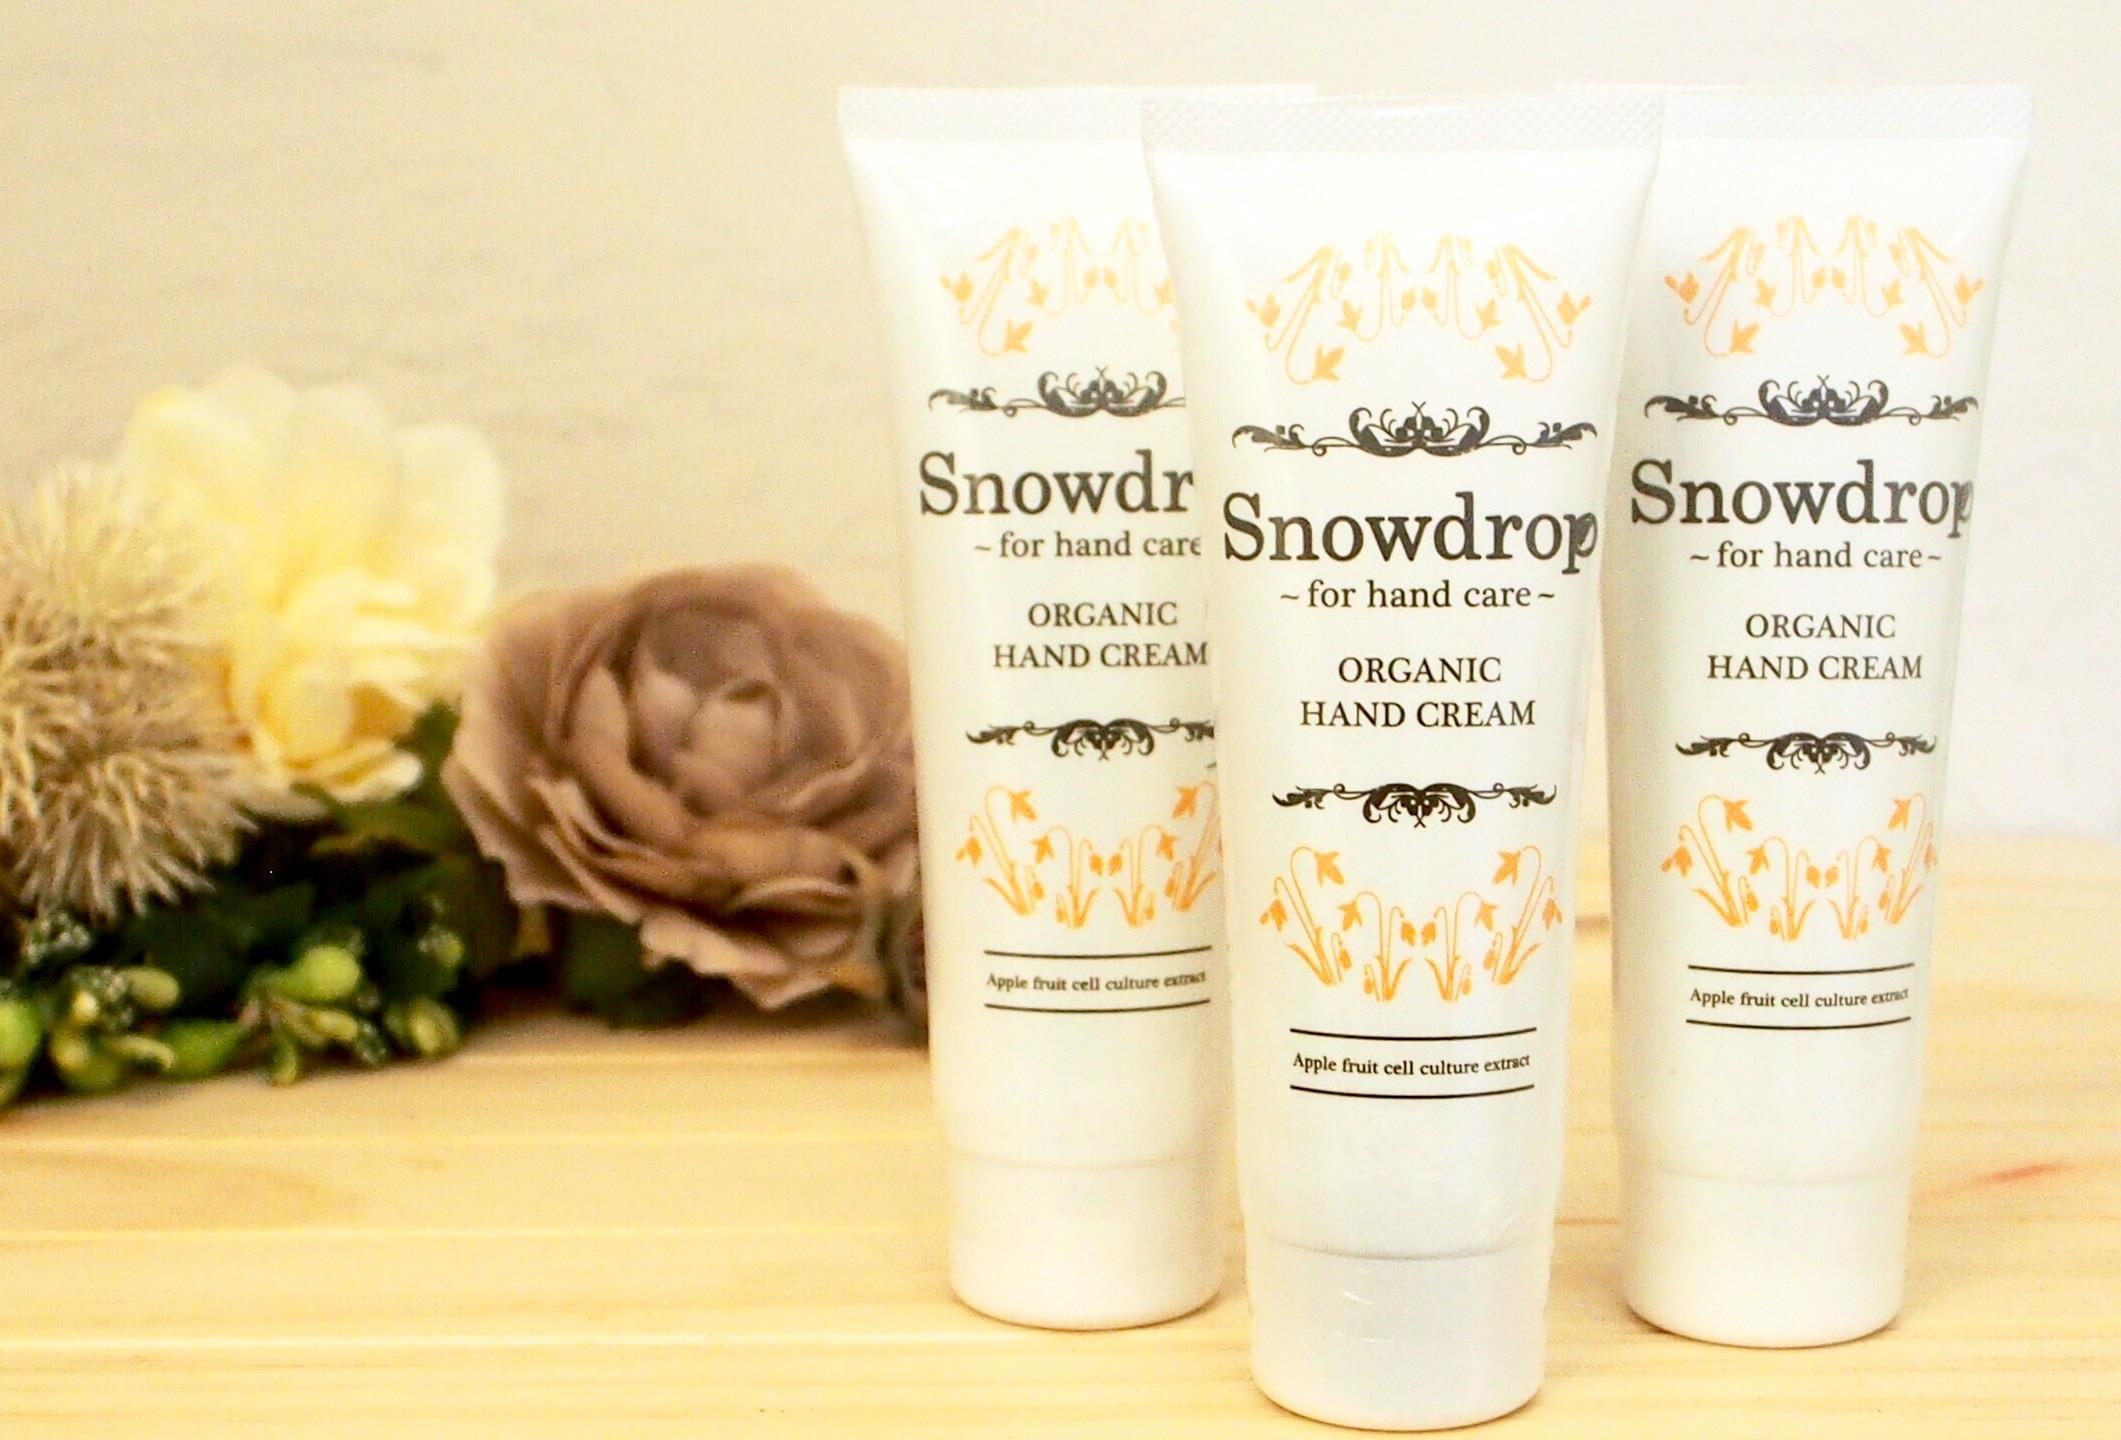 Snowdrop オリジナル オーガニックハンドクリーム ~ミンティーオレンジの香り~